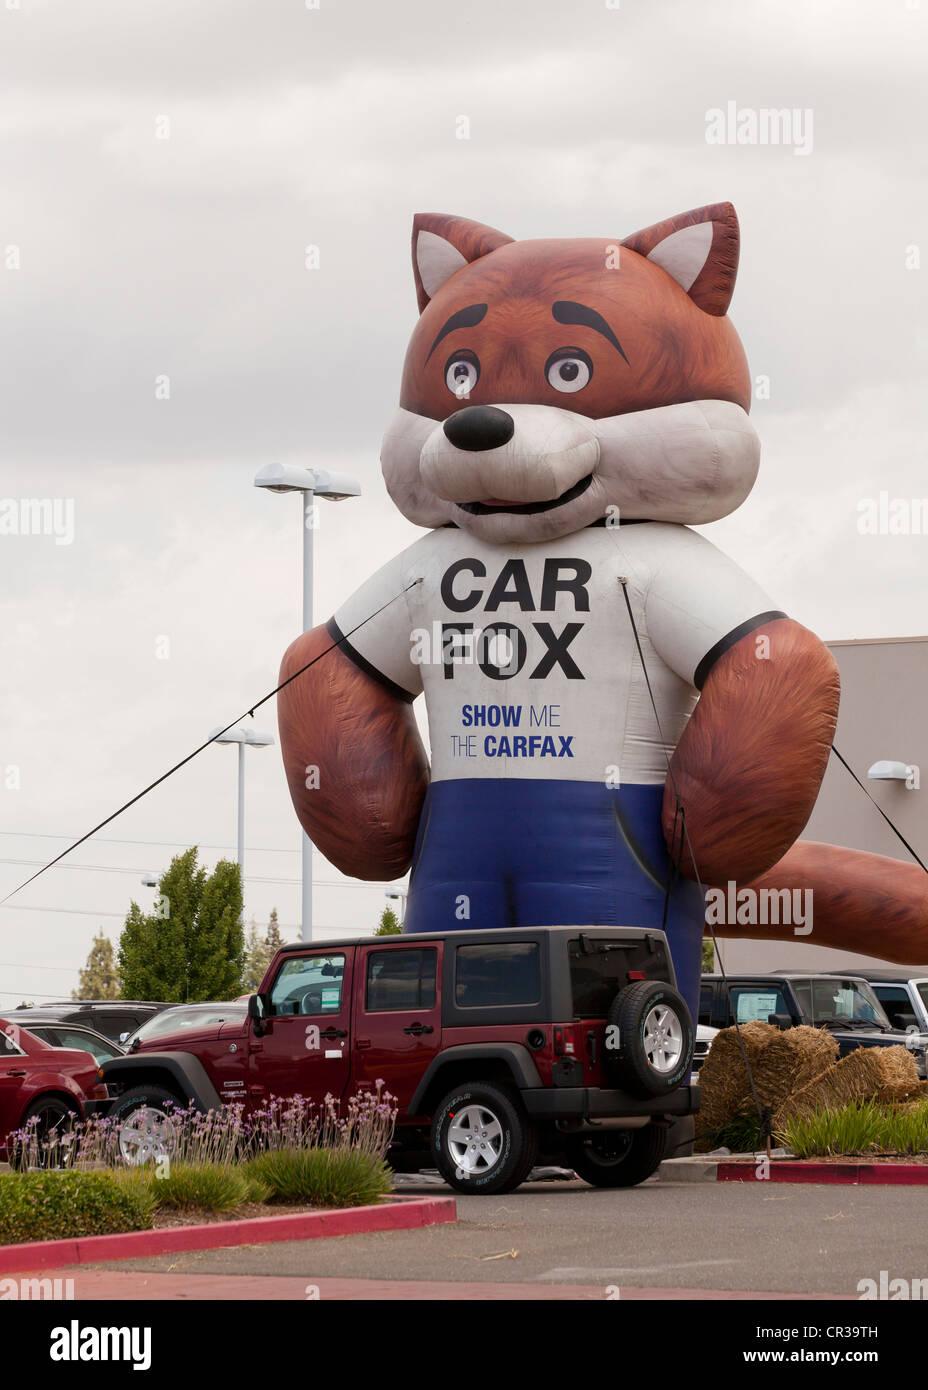 Carfax Stock Photos Carfax Stock Images Alamy